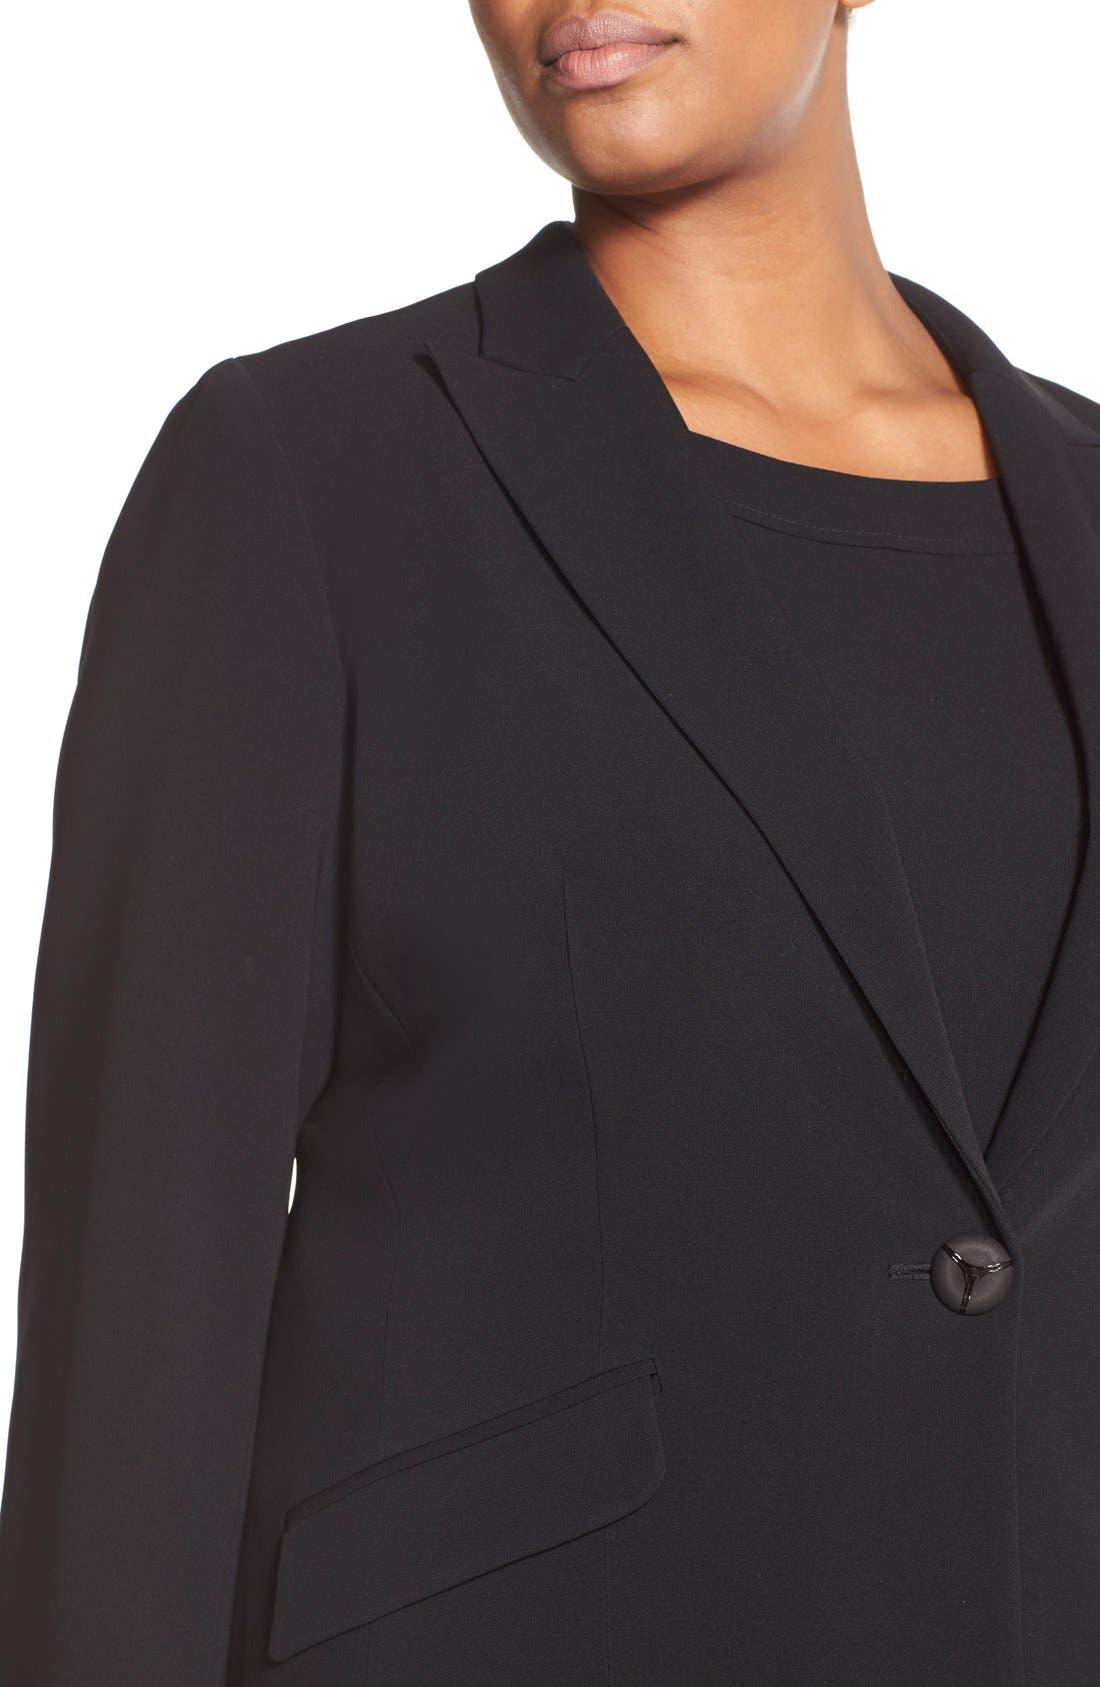 LOUBEN, Peak Lapel Suit Jacket, Alternate thumbnail 7, color, BLACK